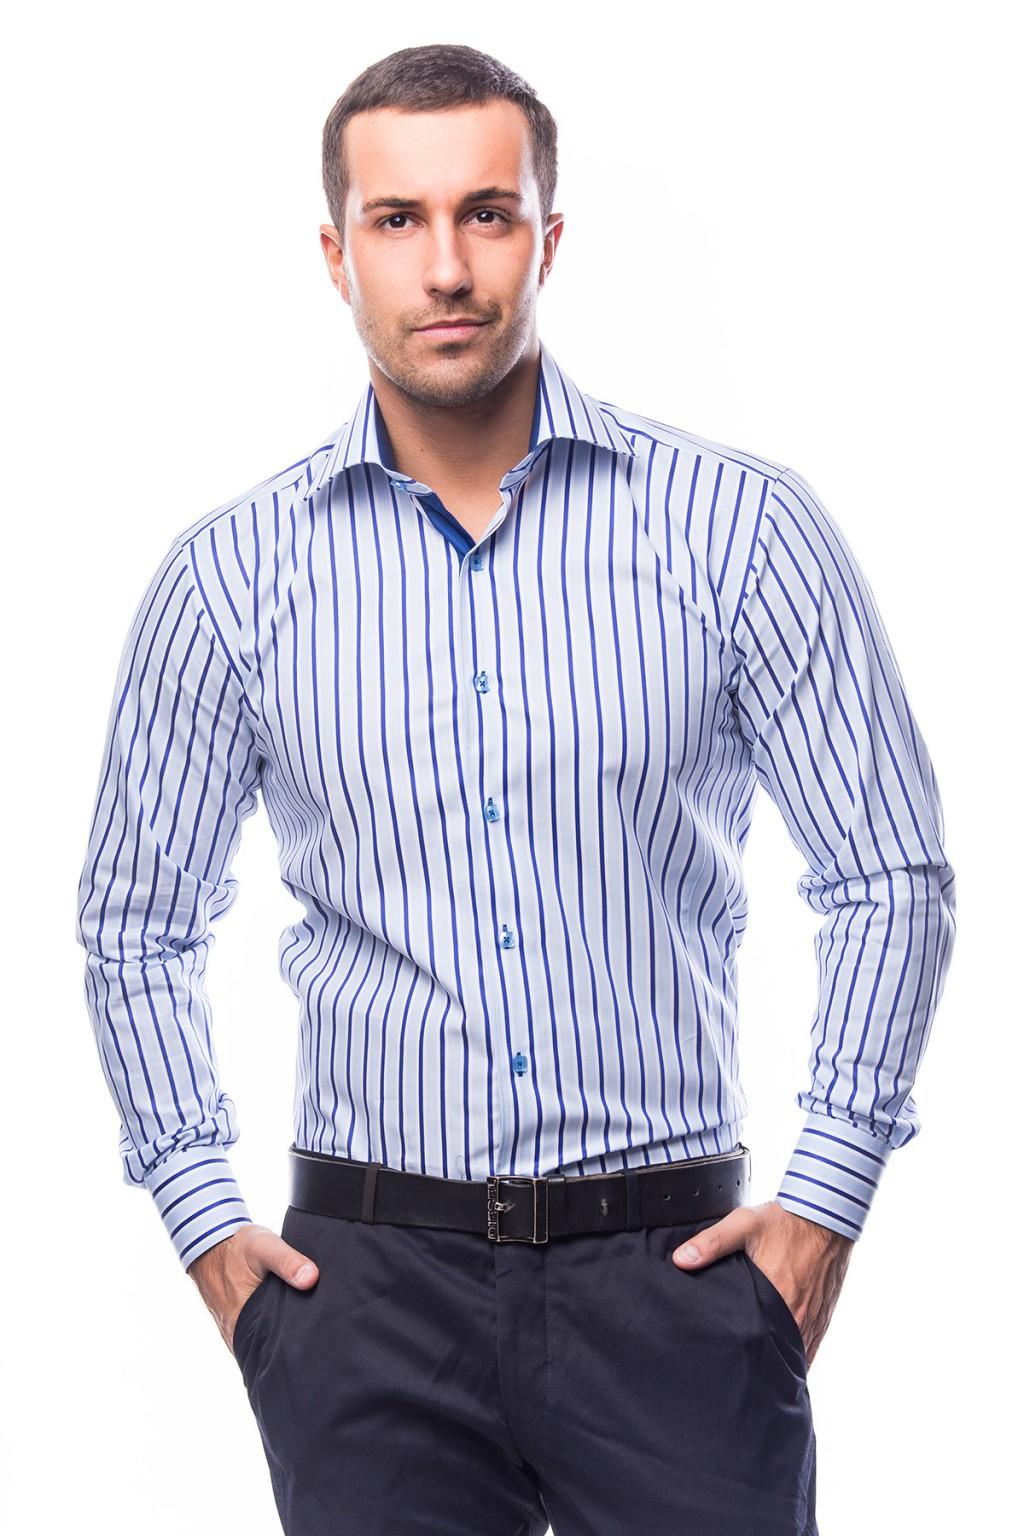 Рекомендую! Сбор заказов. Эксклюзивные мужские рубашки от Jess France из экологически чистых натуральных тканей, а также женская и детская коллекция. Выкуп 1